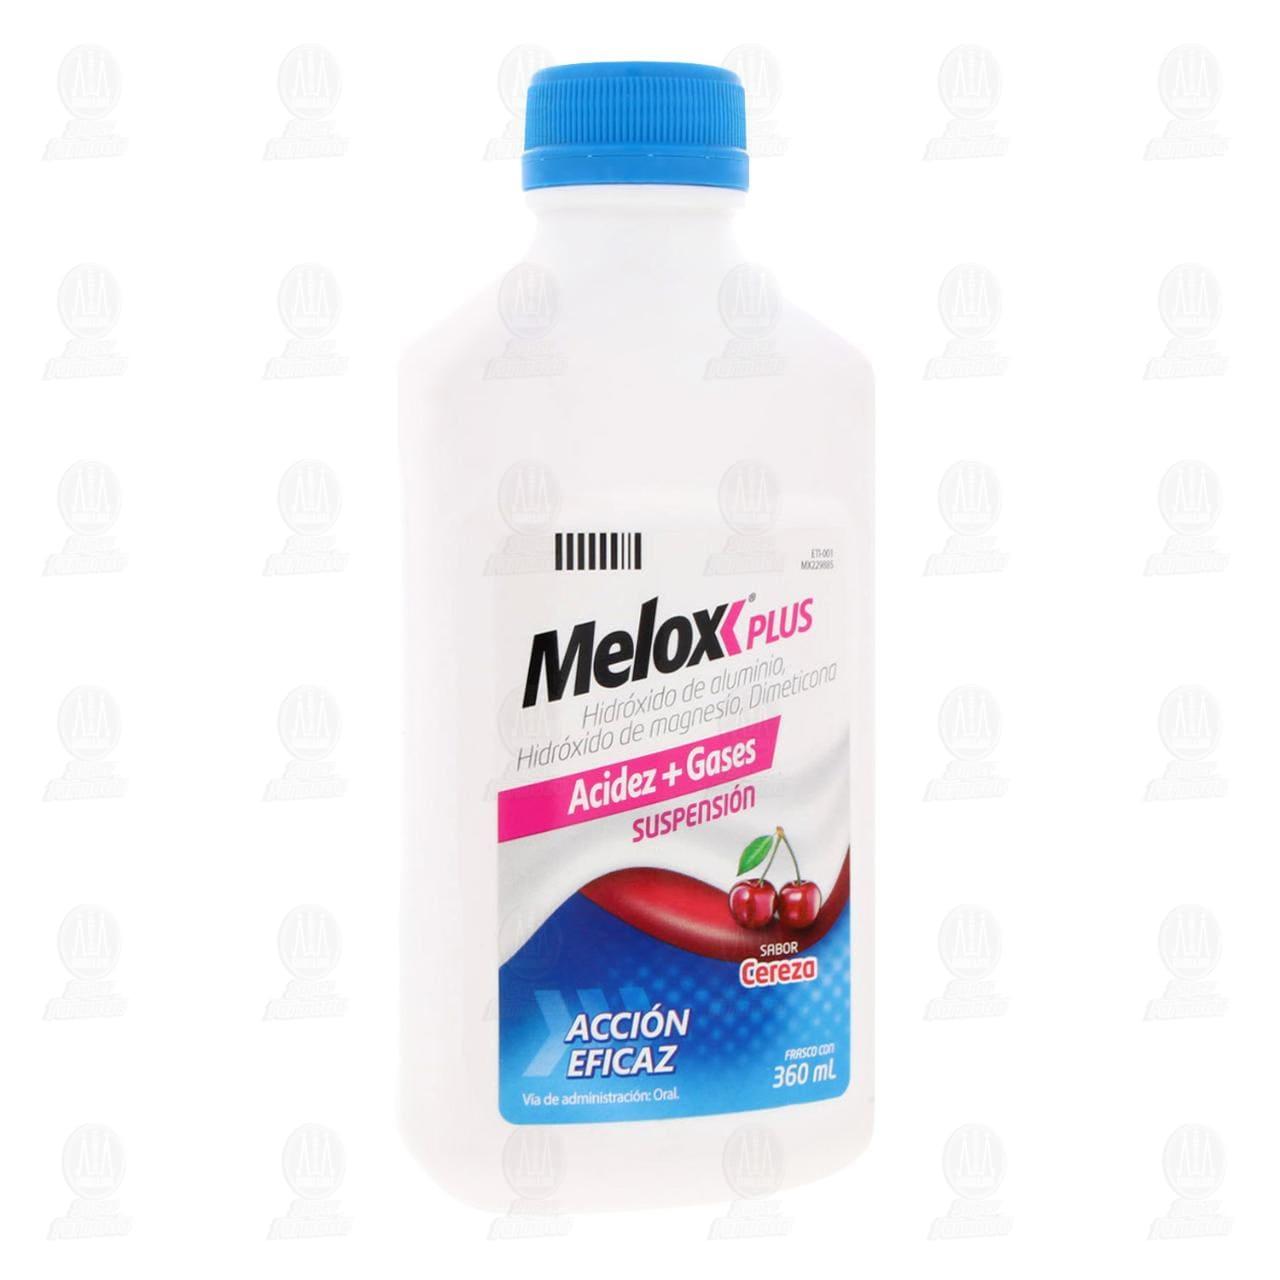 Comprar Melox Plus Suspensión Sabor Cereza 360ml en Farmacias Guadalajara